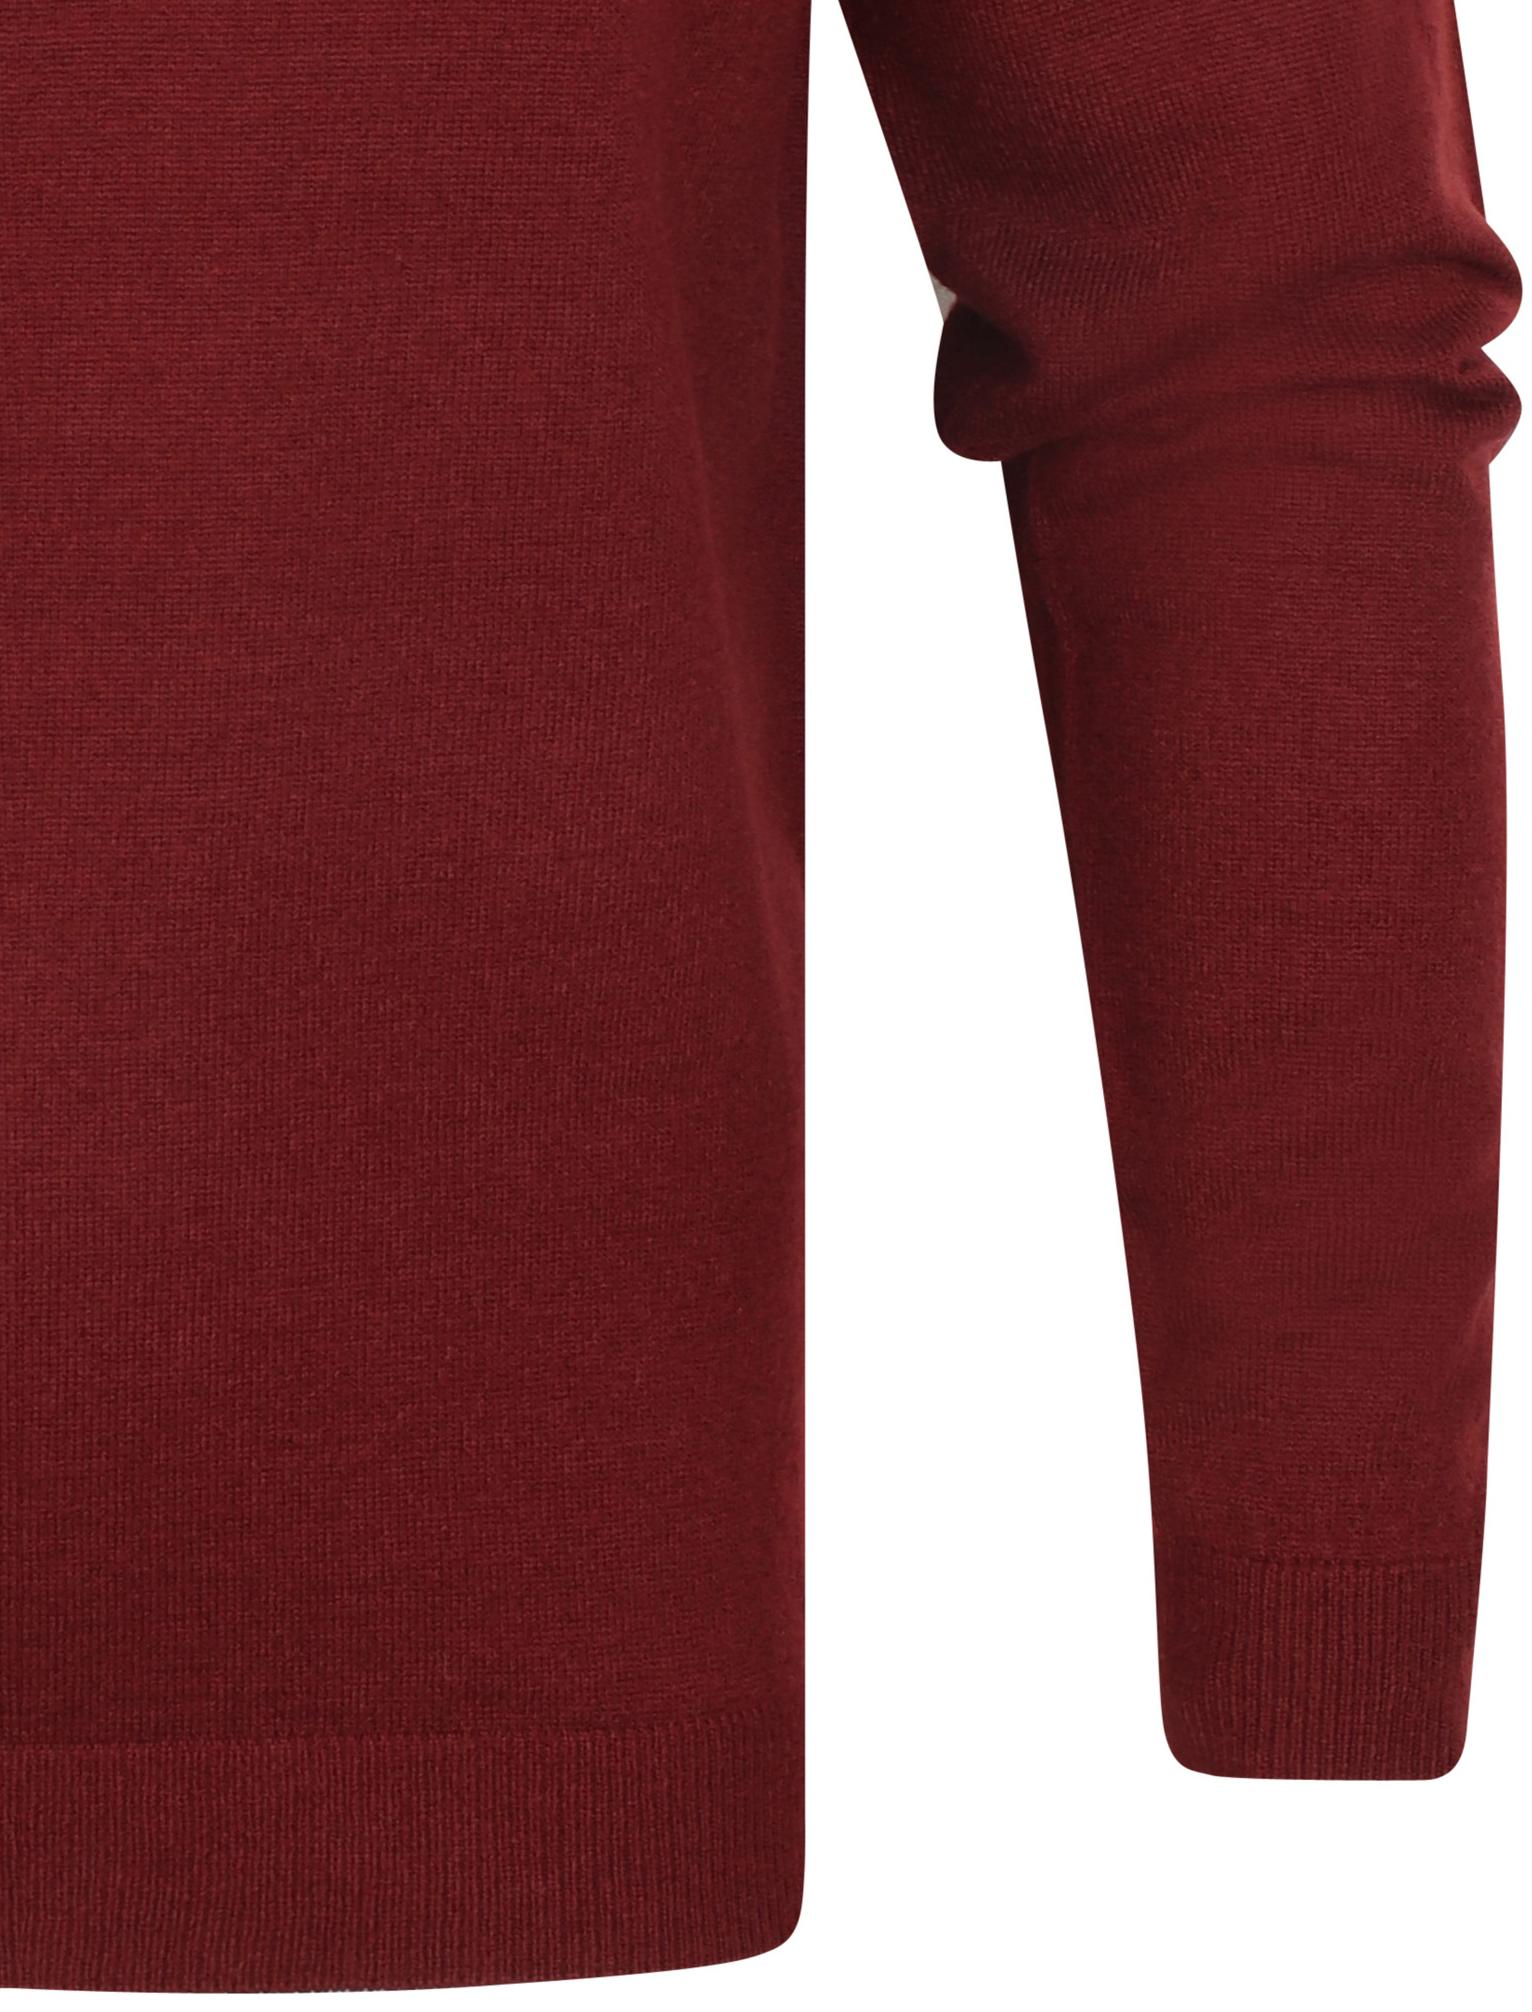 Kensington-Eastside-Men-039-s-Wool-Blend-Knitted-Crew-or-V-Neck-Jumper-Sweater-Top thumbnail 41